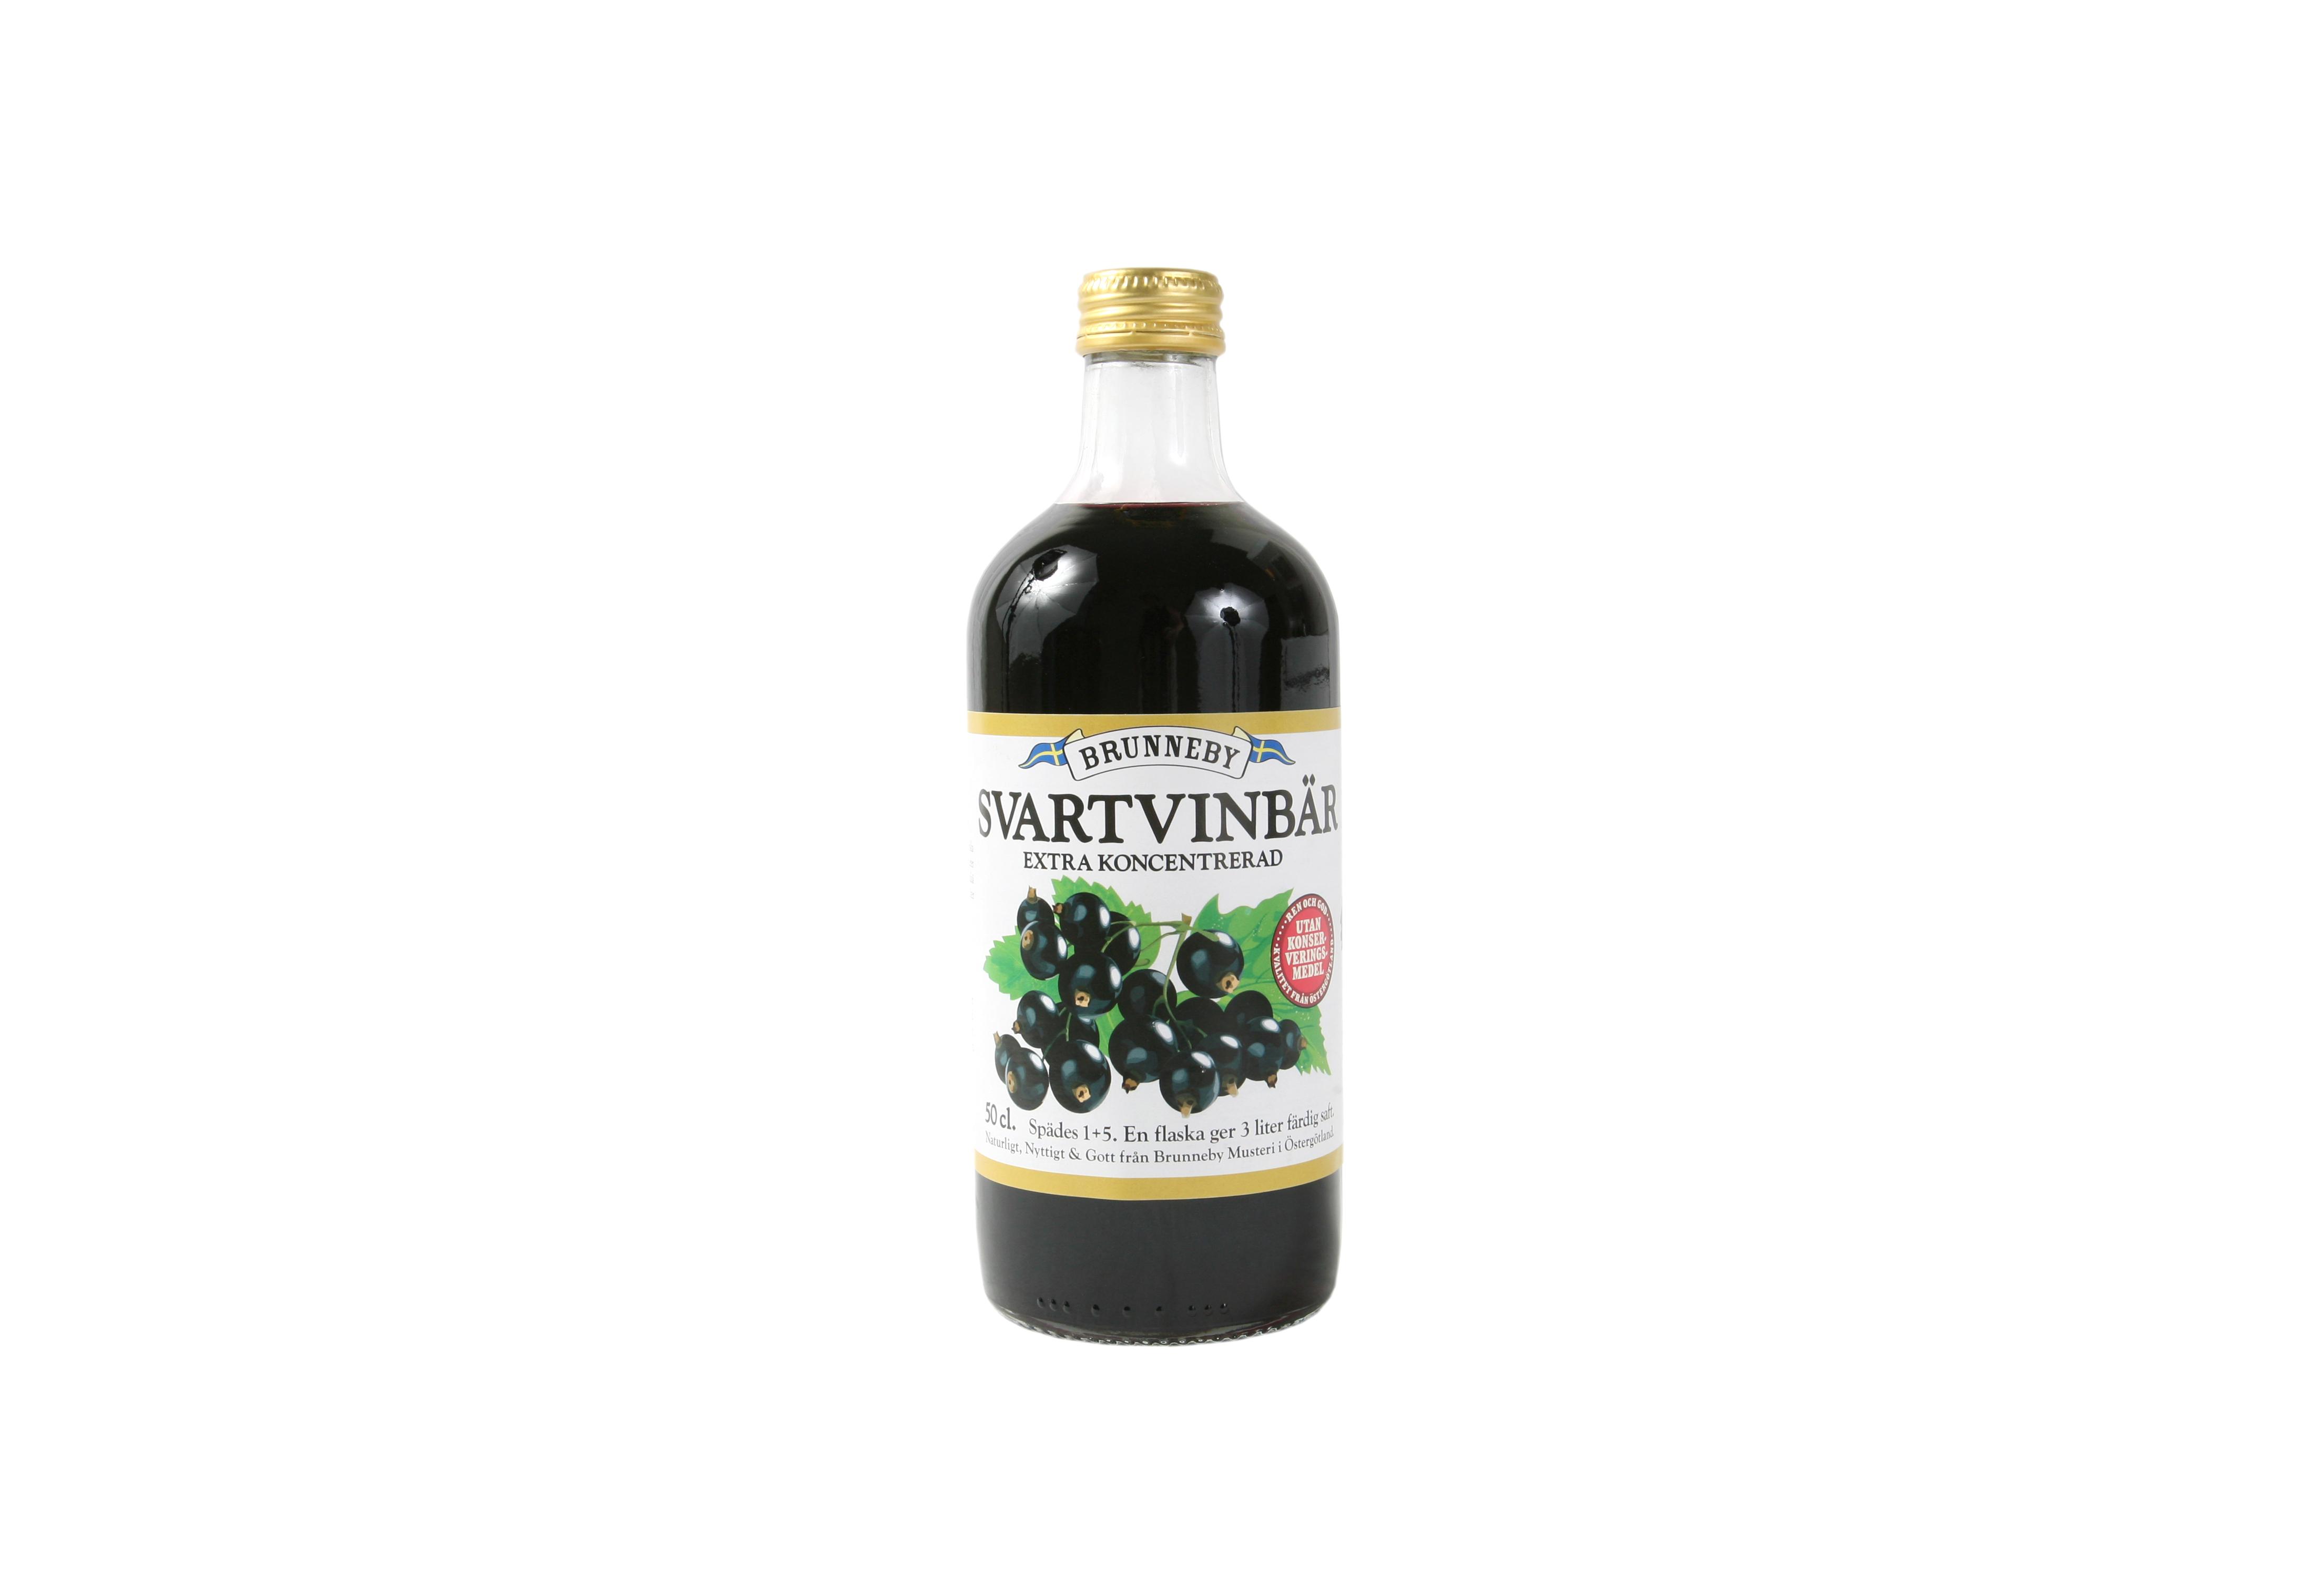 Högupplöst bild på Svartvinbärssaft i 50cl flaska.